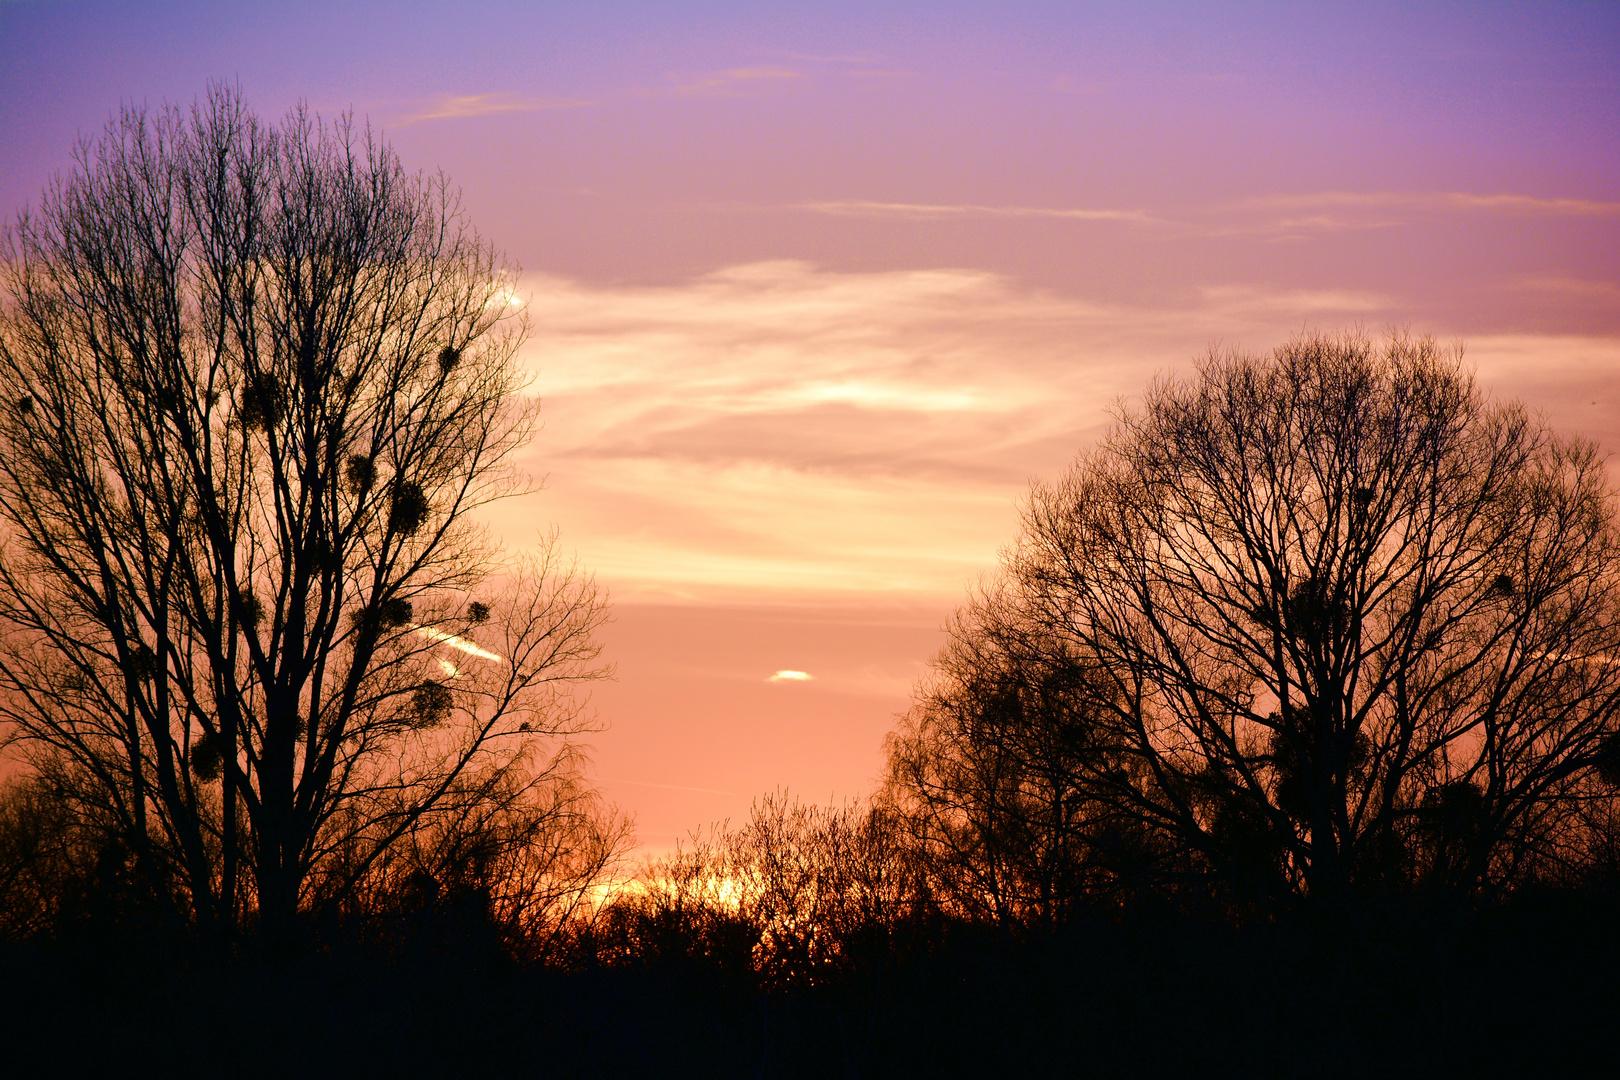 Sonnenuntergang - im April 2013 :-)